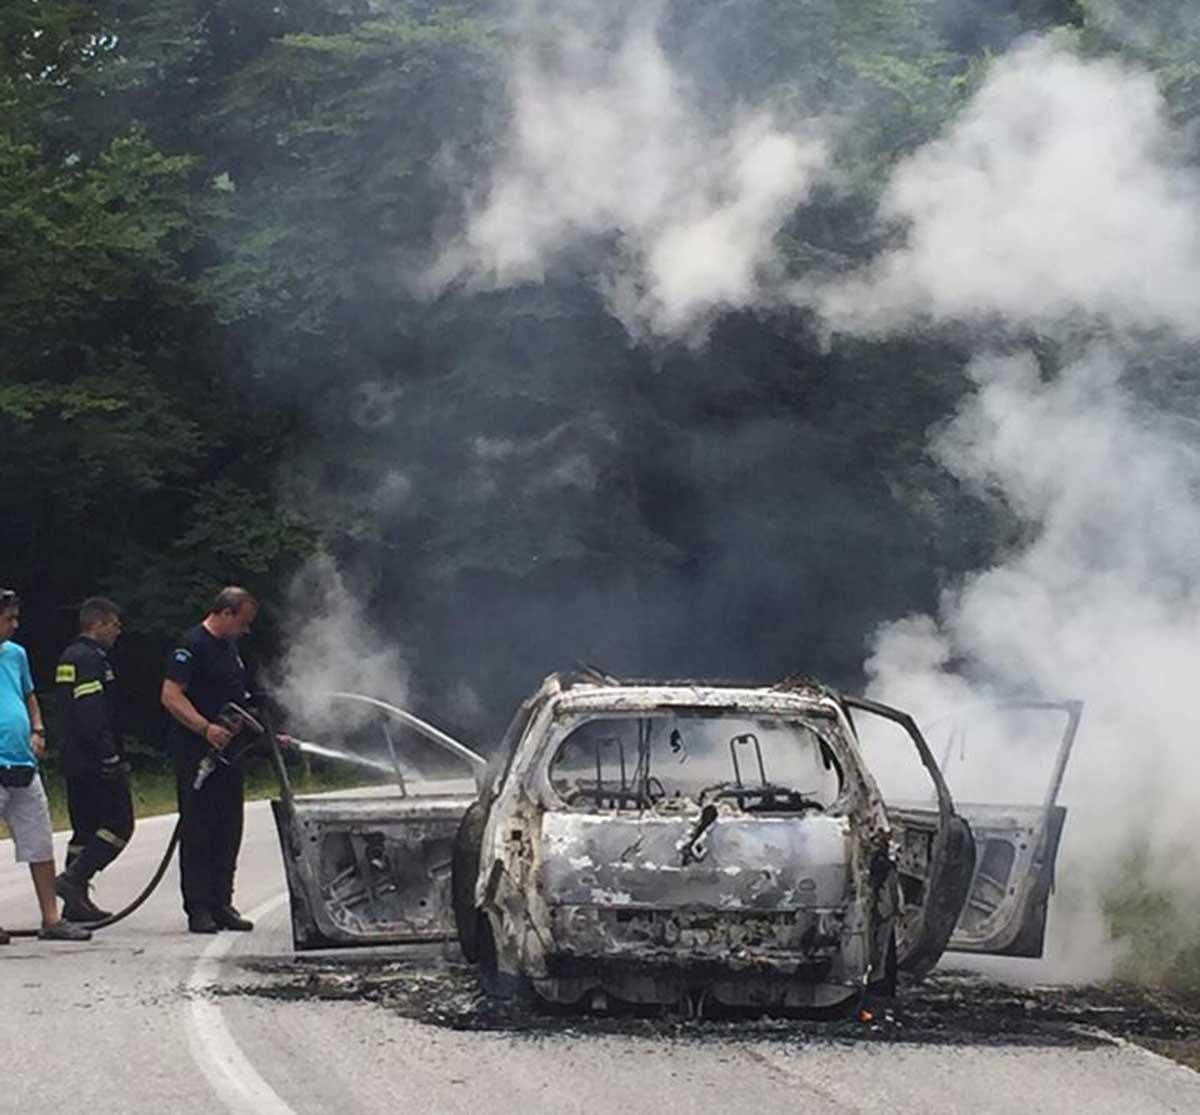 Πήρε φωτιά εν κινήσει και κάηκε ολοσχερώς αυτοκίνητο Λαρισαίων - Ταξίδευαν σε μοναστήρι στην Καλαμπάκα (φωτό)